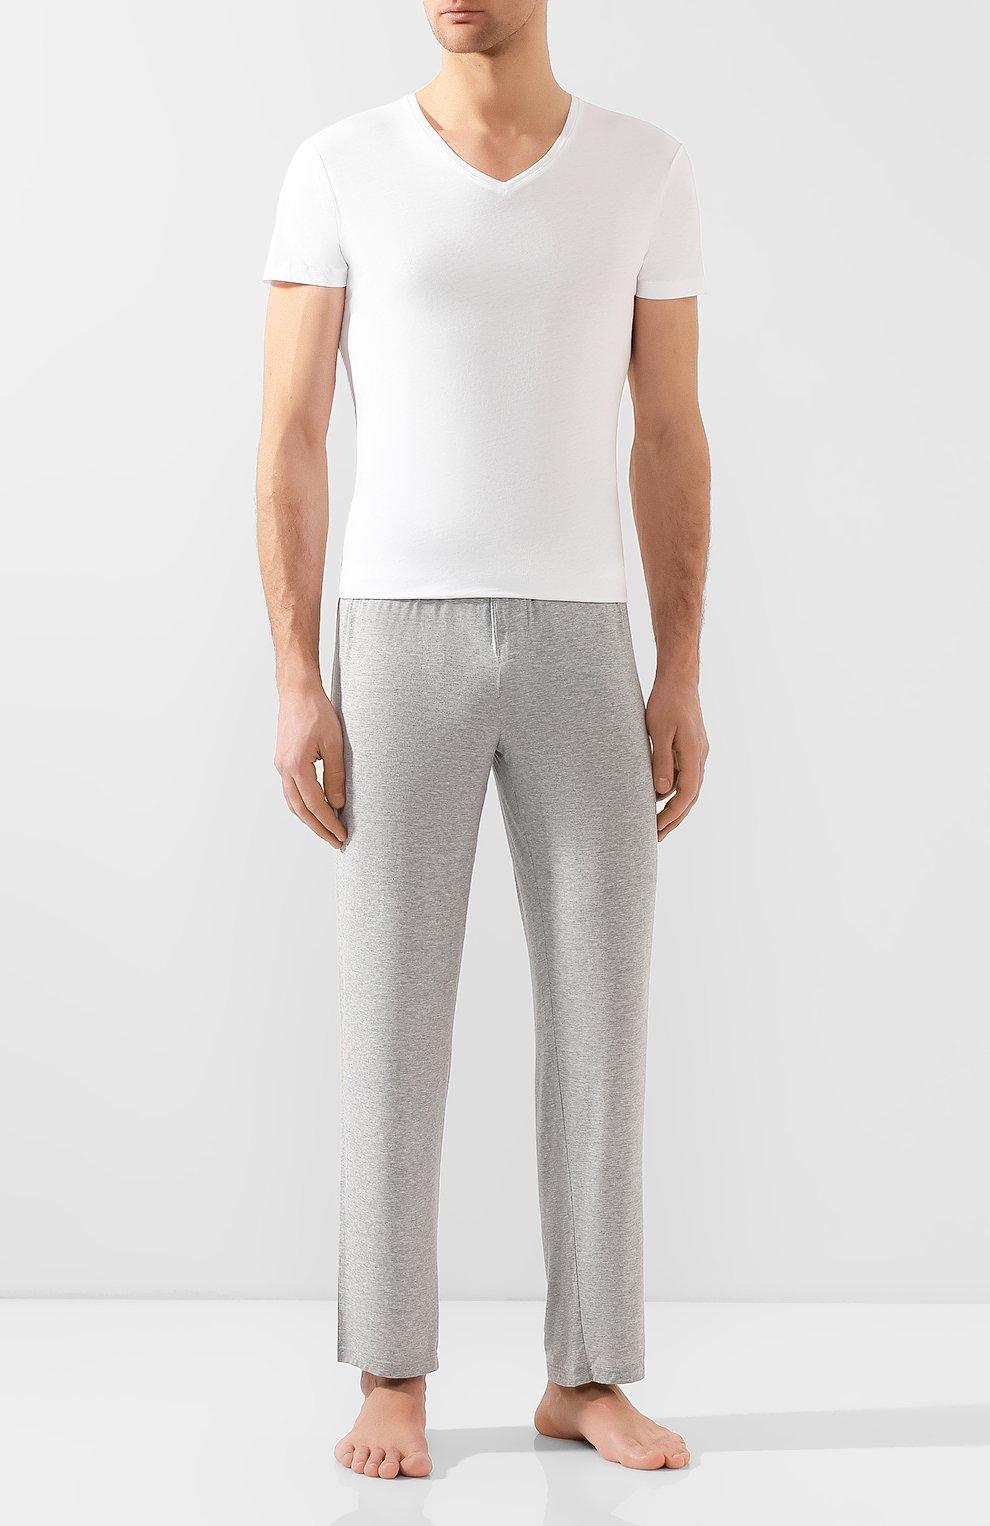 Мужская хлопковая футболка с v-образным вырезом ORLEBAR BROWN белого цвета, арт. 259687 | Фото 2 (Принт: Без принта; Рукава: Короткие; Длина (для топов): Стандартные; Материал внешний: Хлопок; Статус проверки: Проверено, Проверена категория; Стили: Кэжуэл)